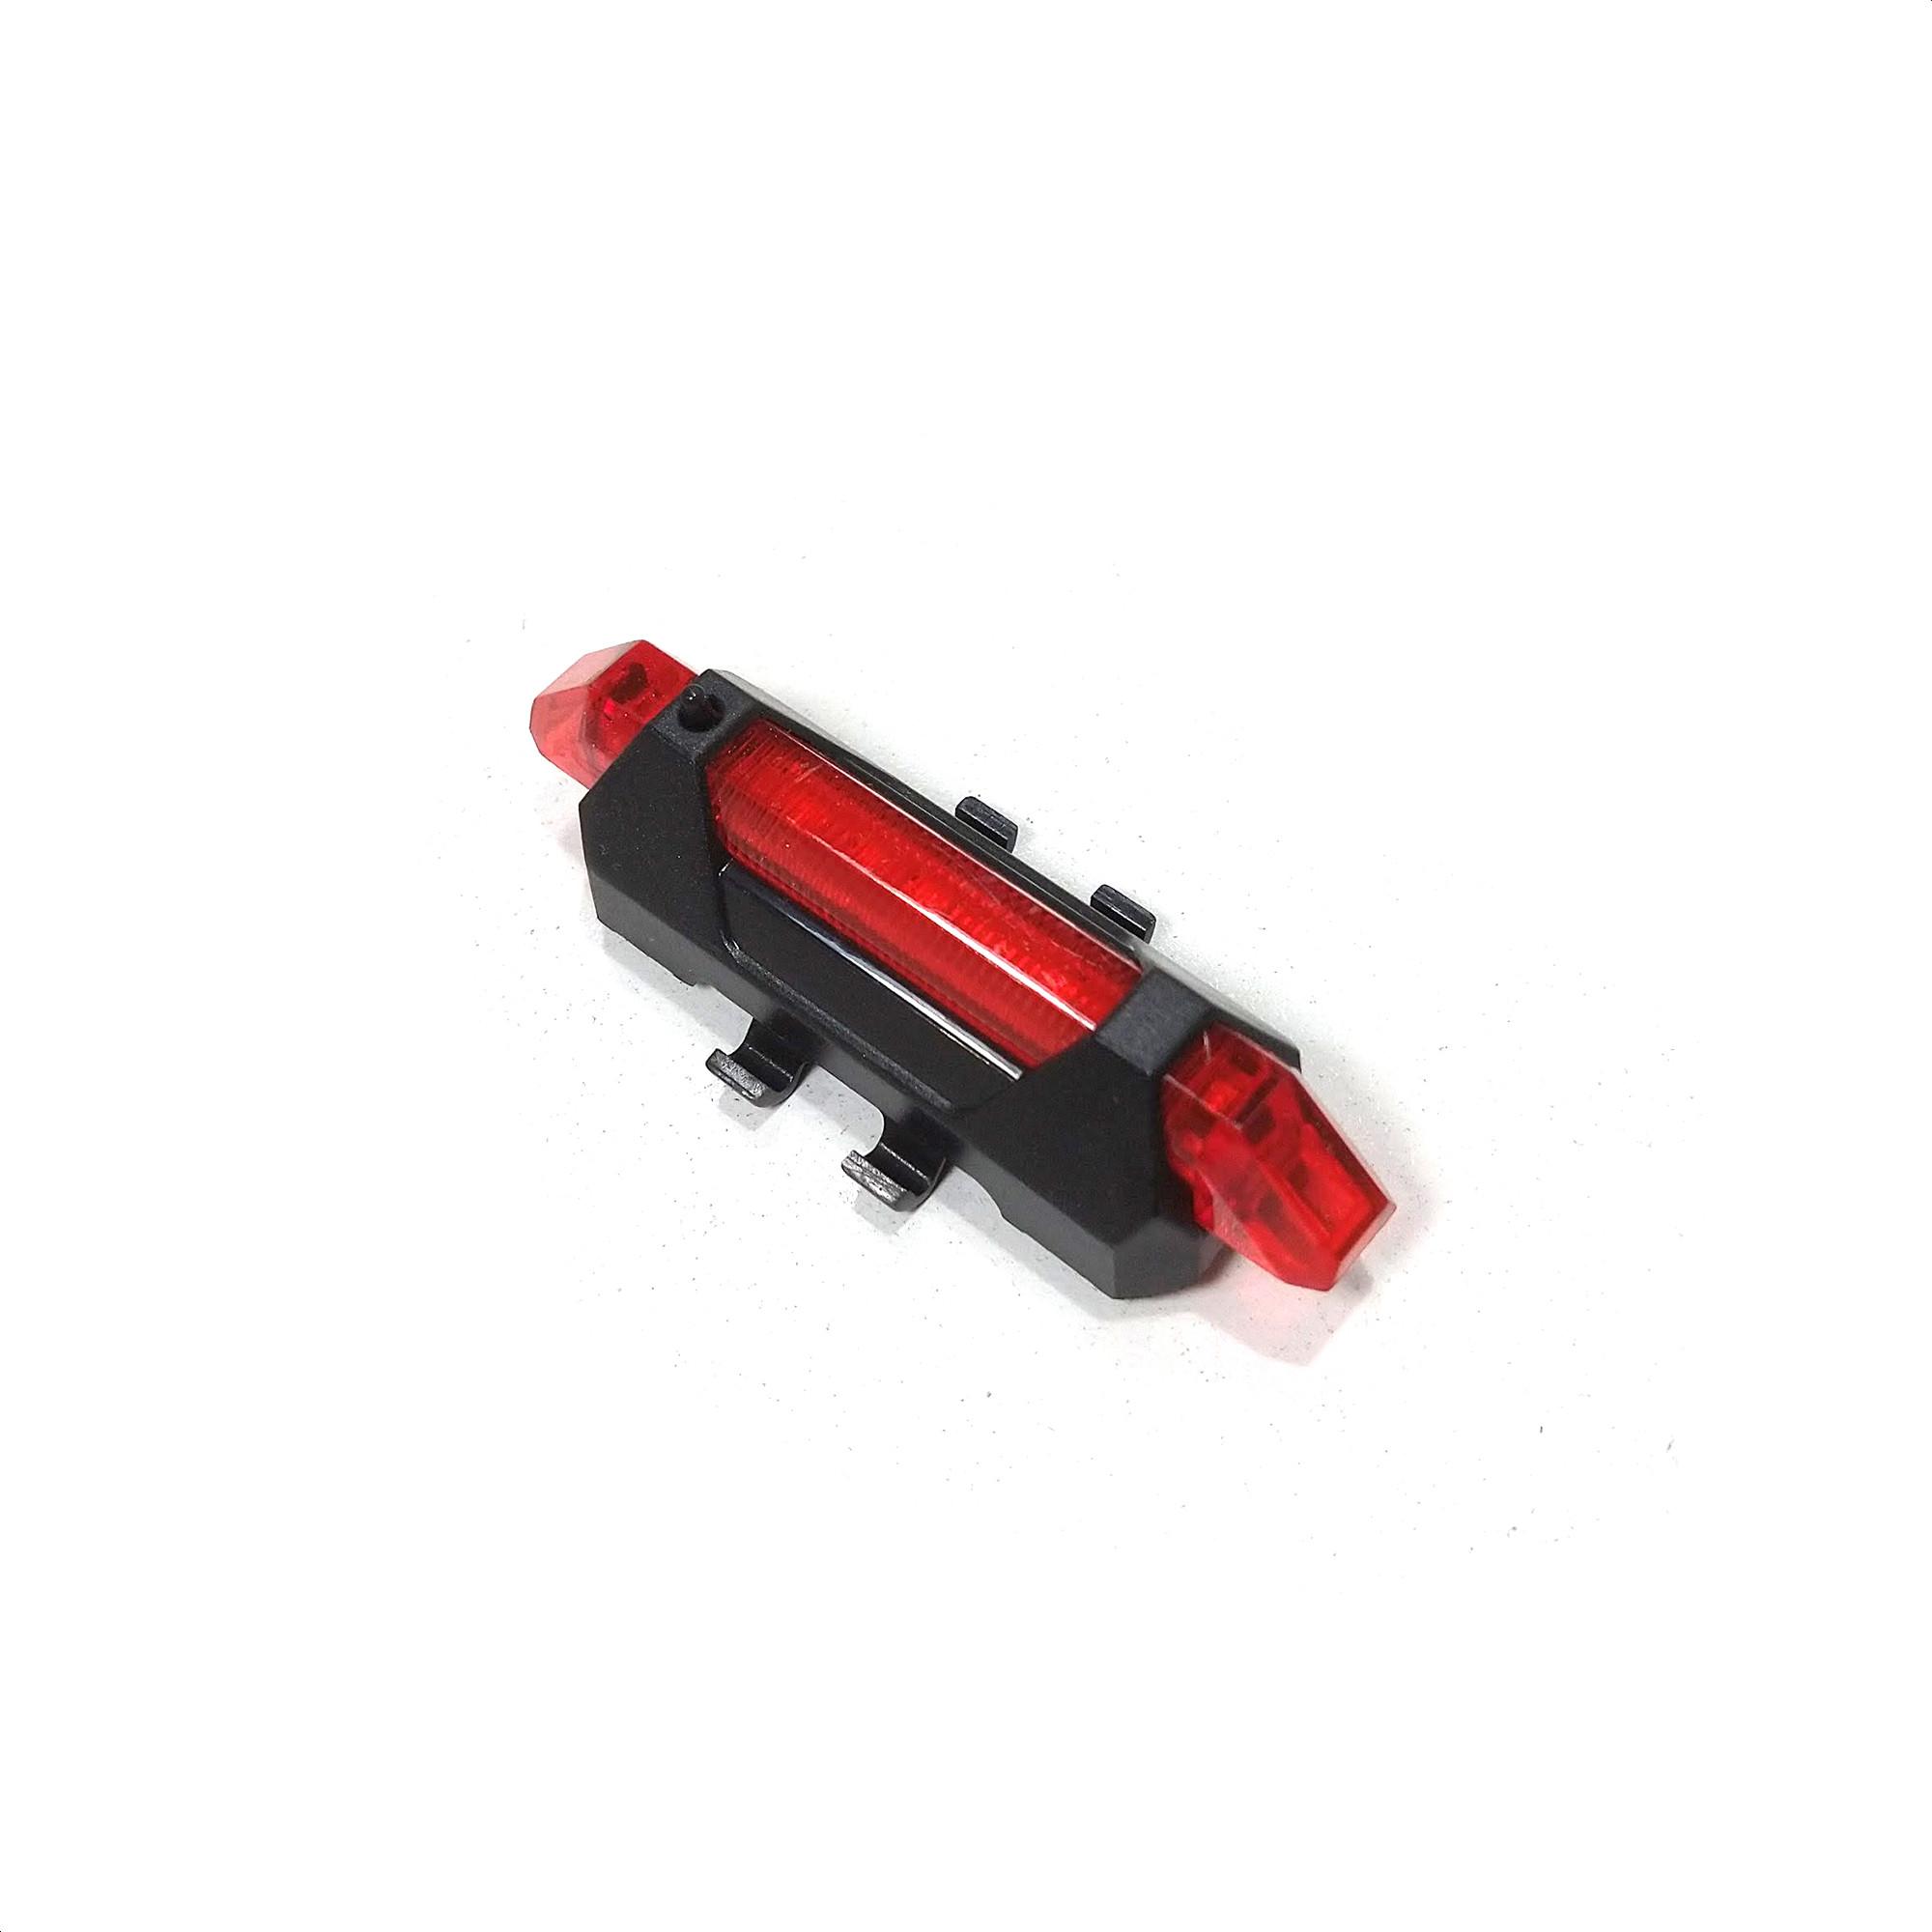 Luz Bicicleta 5 Leds Roja 4 Funciones Recargable